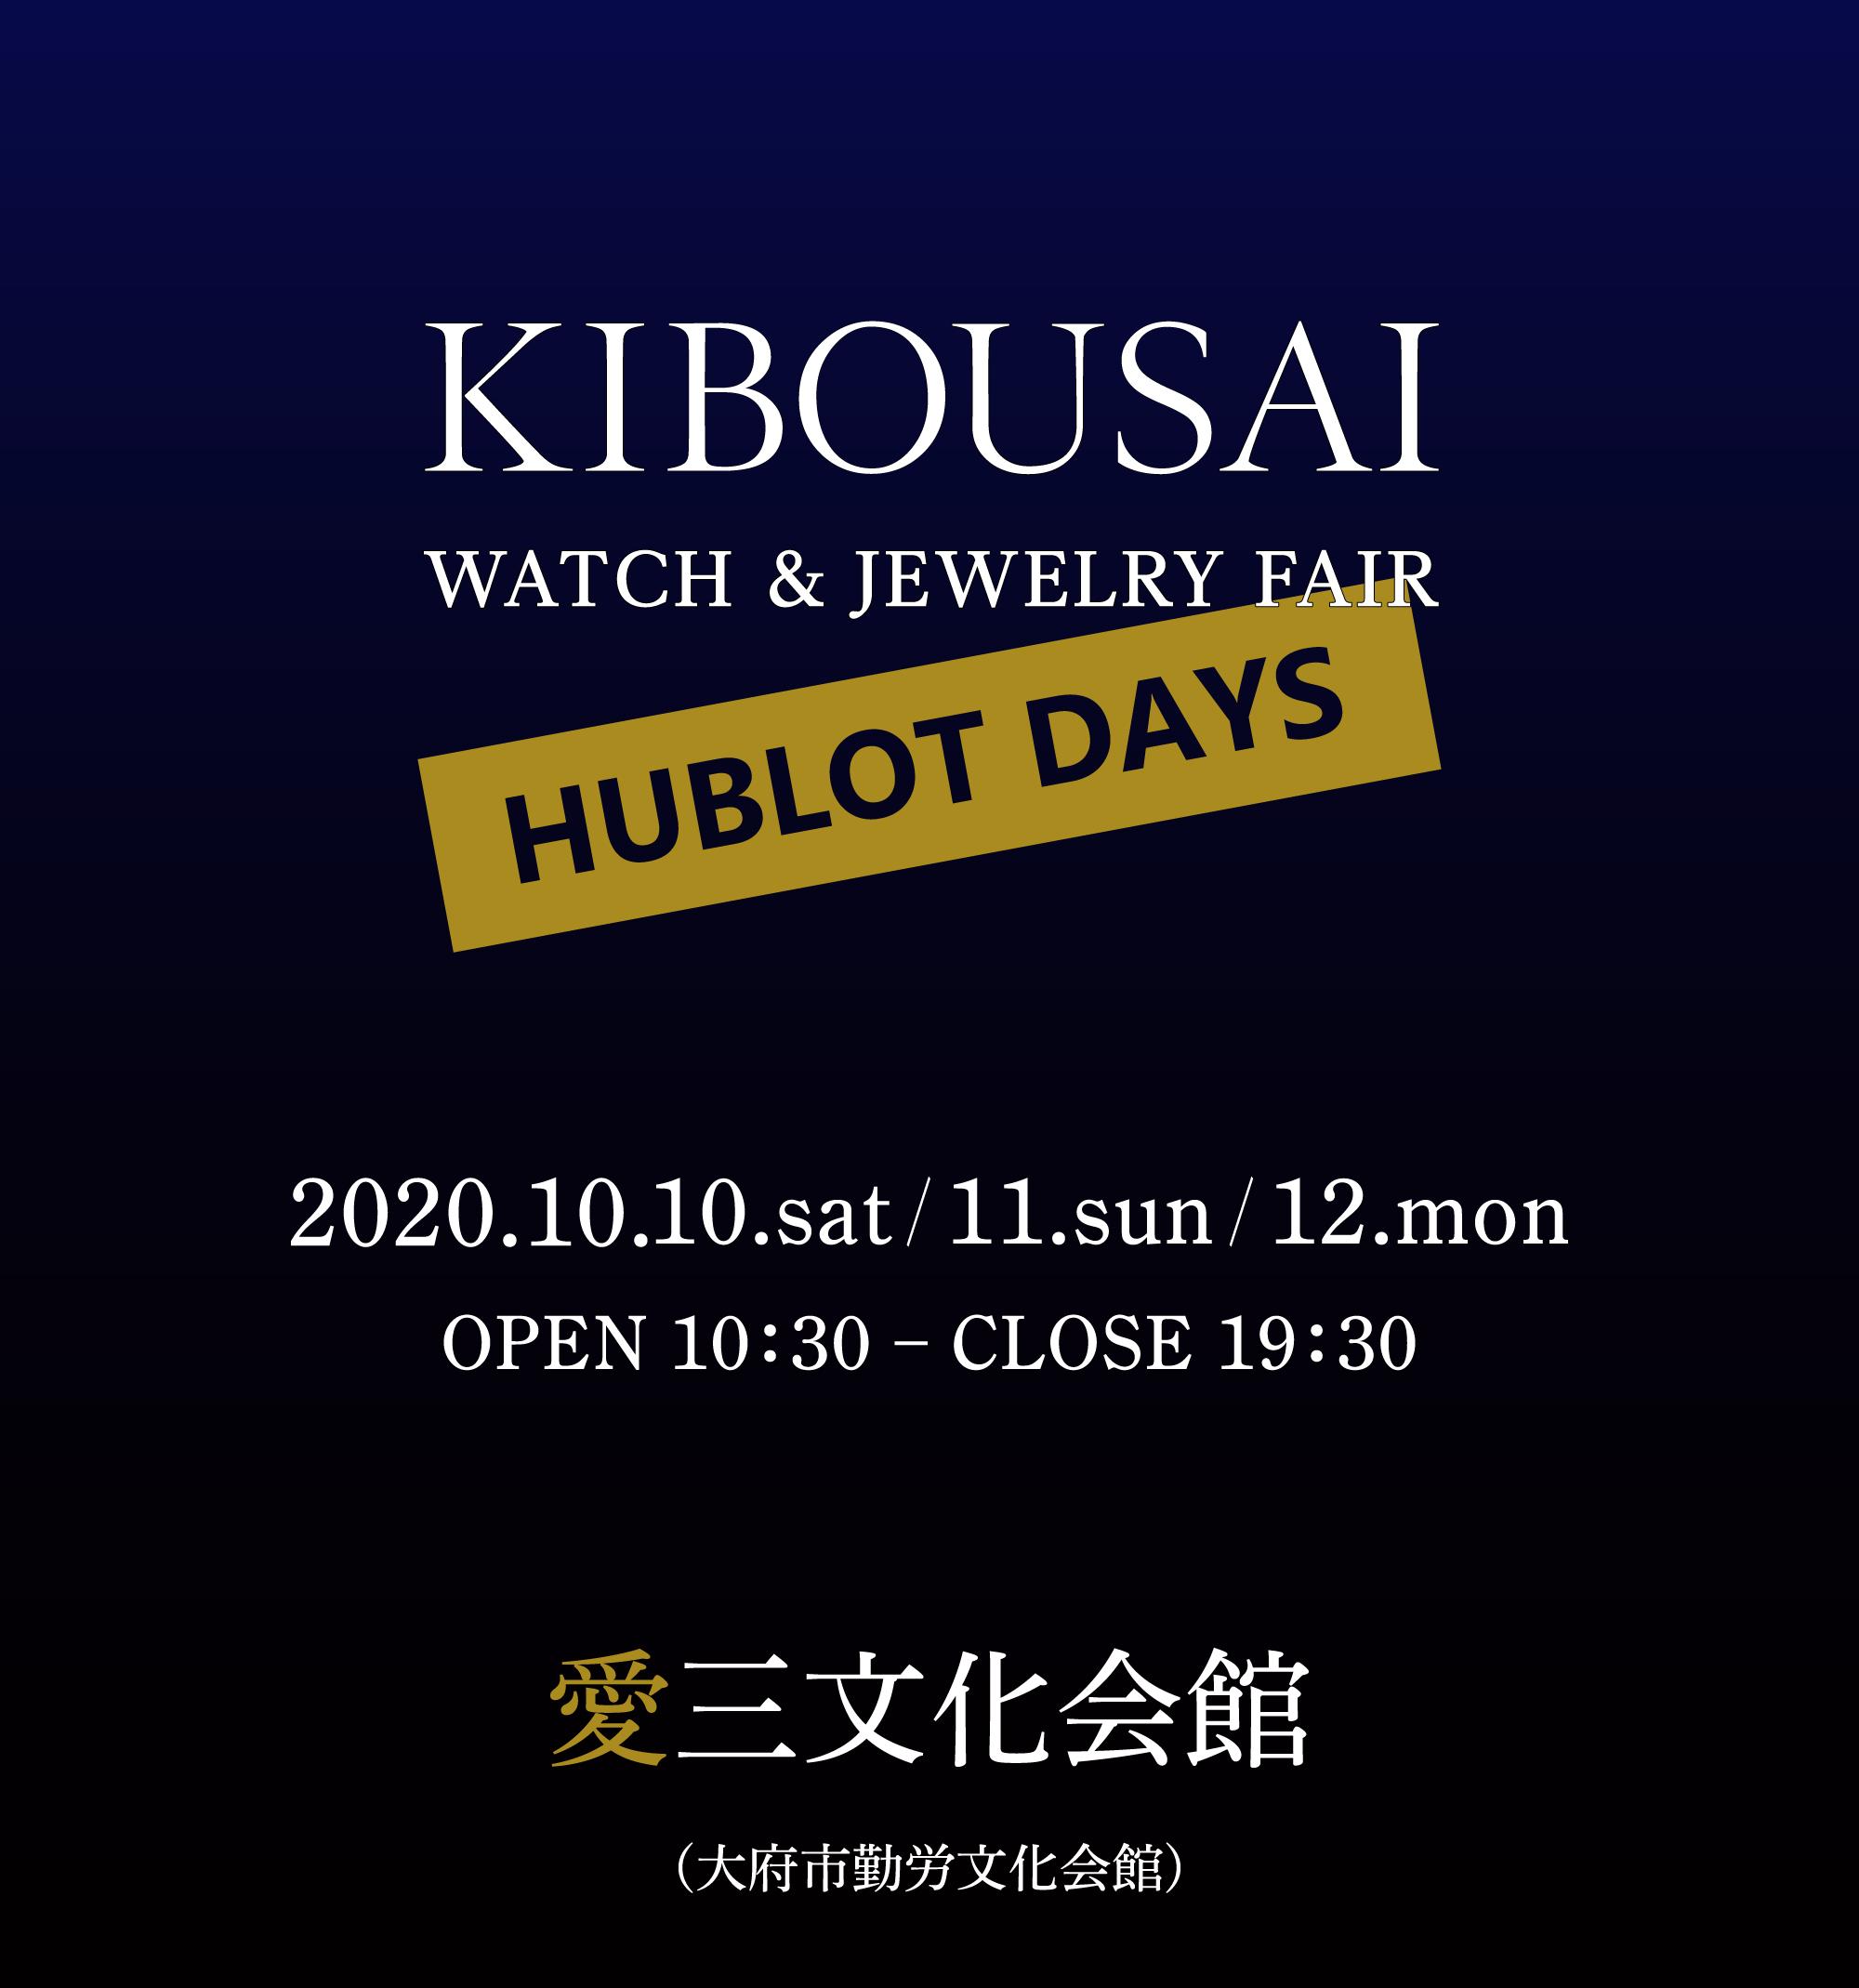 kibousai2020_webpahge_1